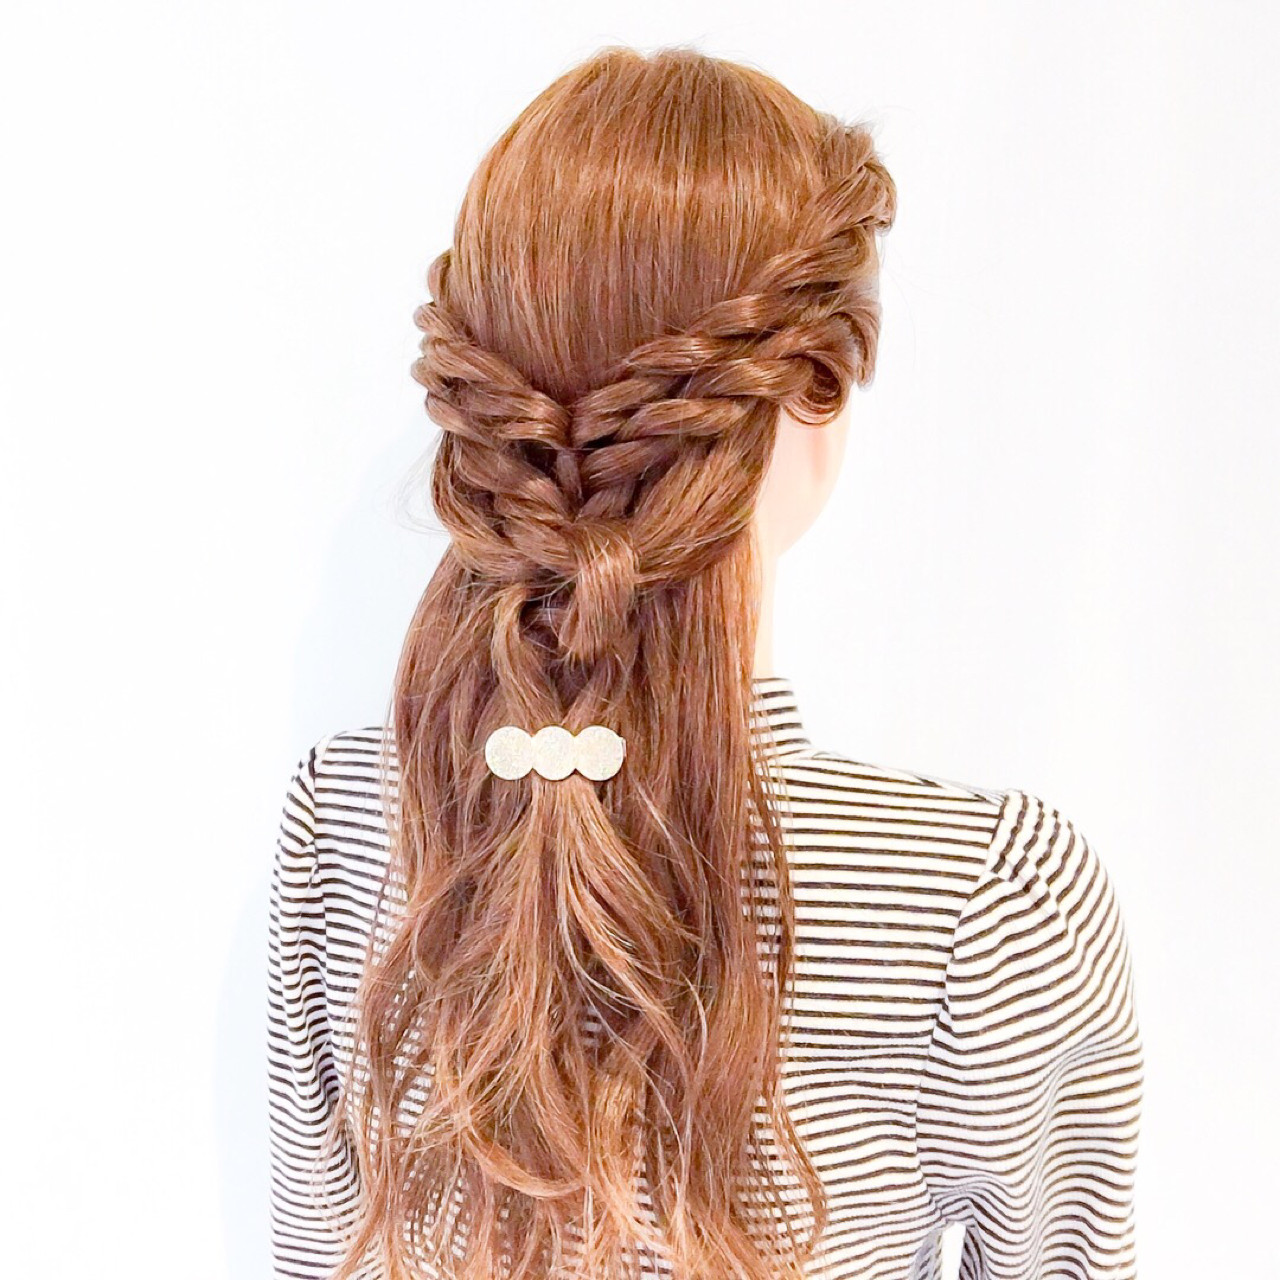 ねじり ロング ヘアアレンジ 上品 ヘアスタイルや髪型の写真・画像 | 美容師HIRO/Amoute代表 / Amoute/アムティ